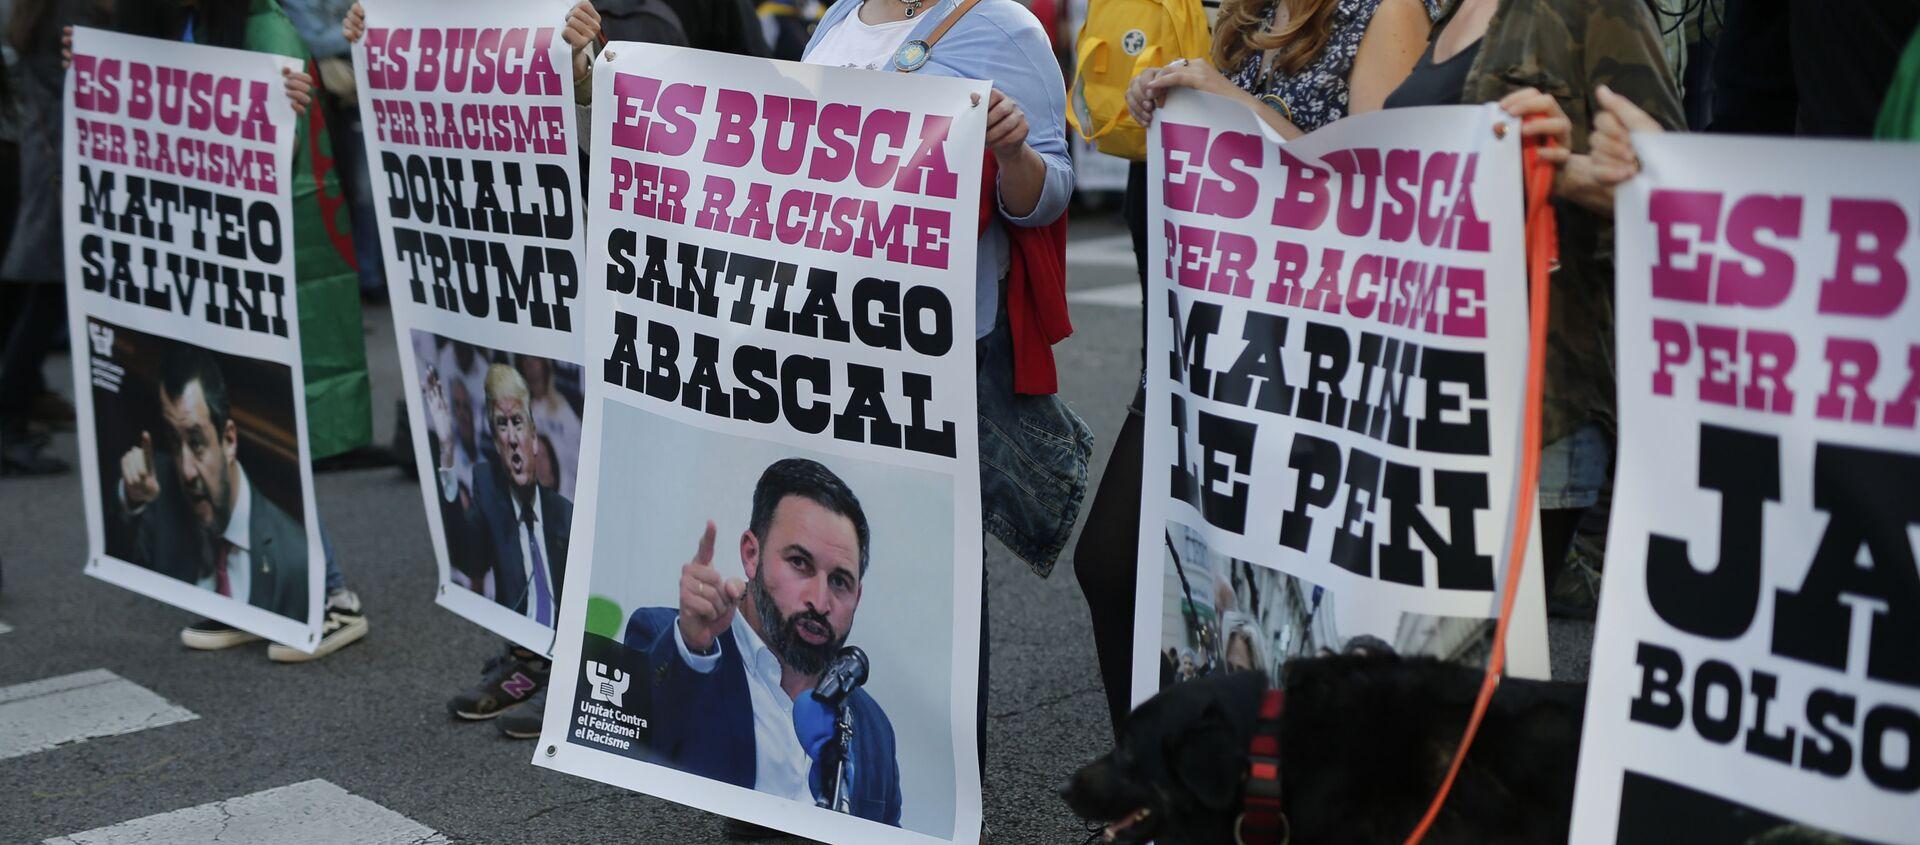 Carteles de una protesta contra el racismo en Barcelona  - Sputnik Mundo, 1920, 16.06.2020